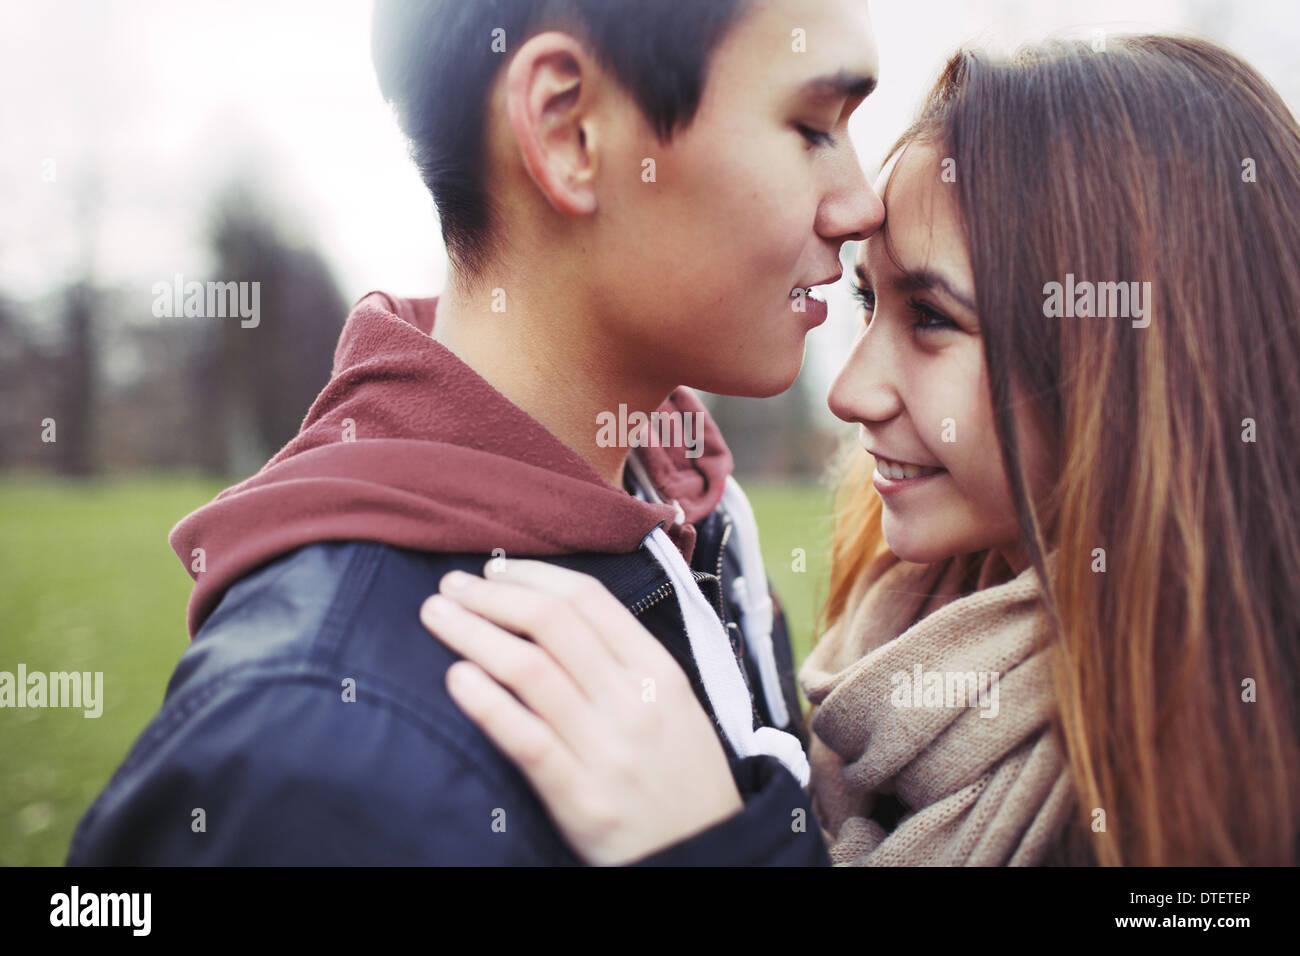 Close up image of young couple in love together in park. Asian teenage couple romantique de dépenser du temps avec l'autre. Photo Stock